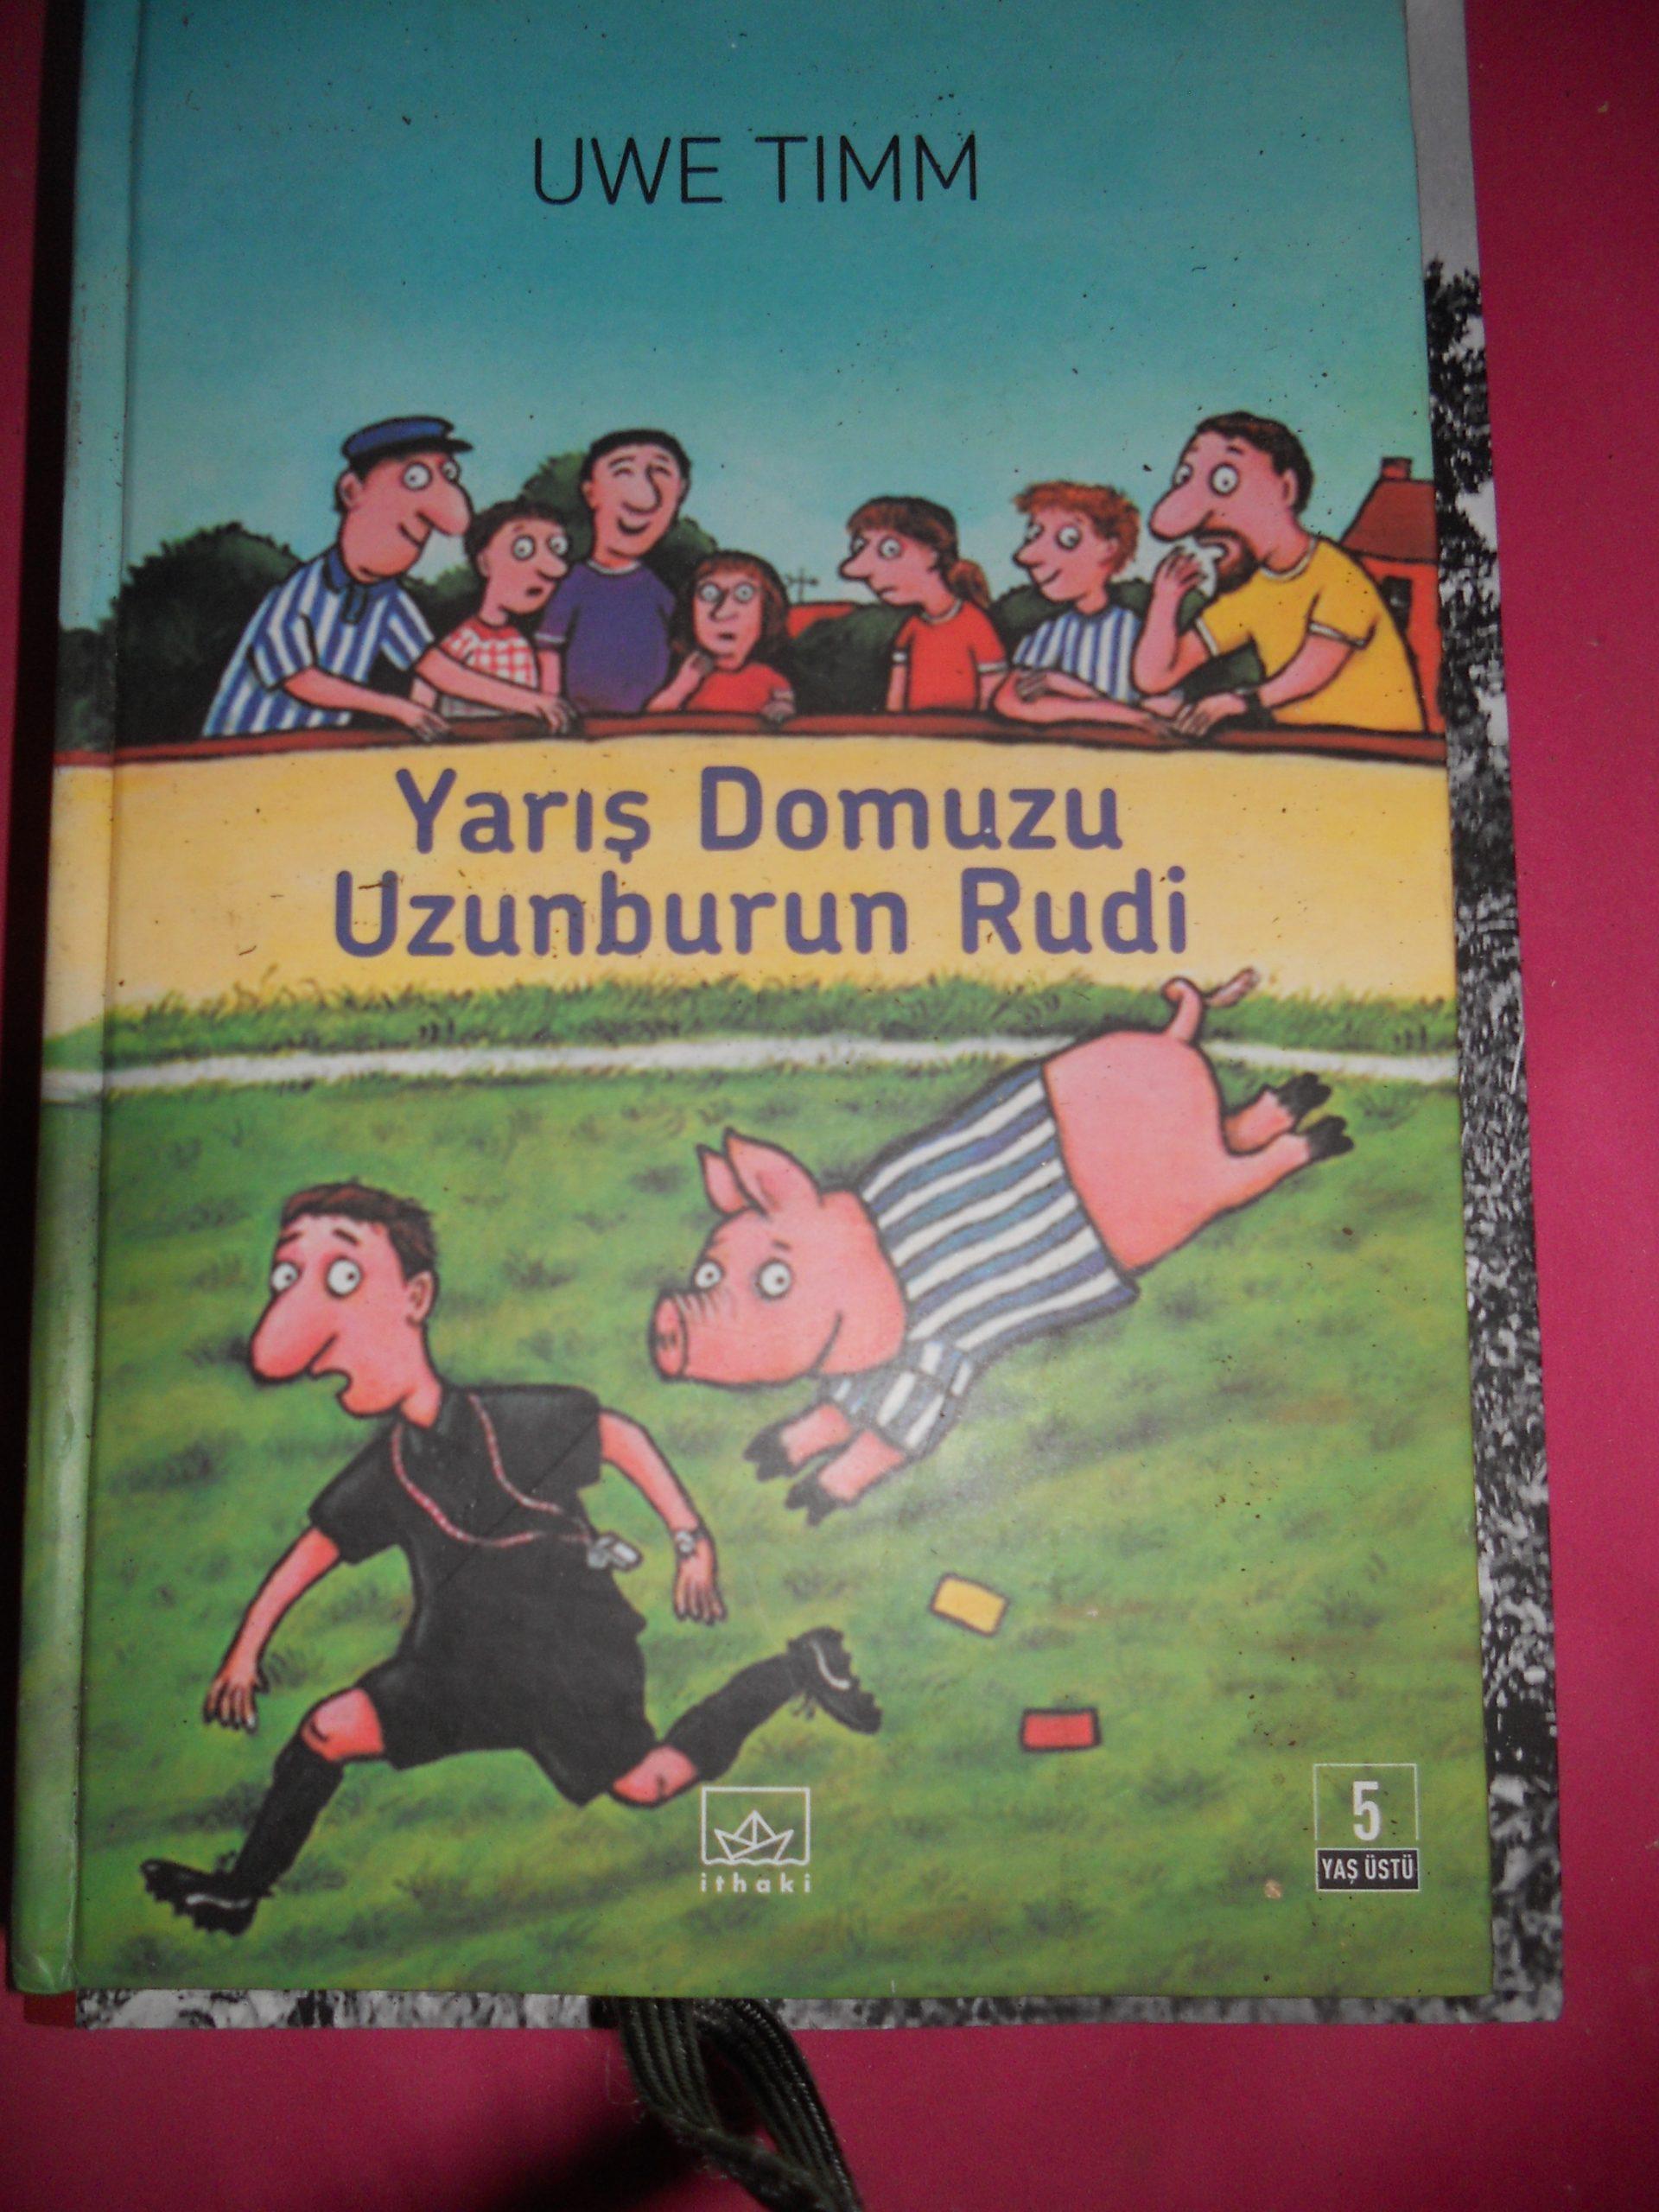 YARIŞ DOMUZU UZUN BURUN RUDİ/Uwe TIMM/10 TL